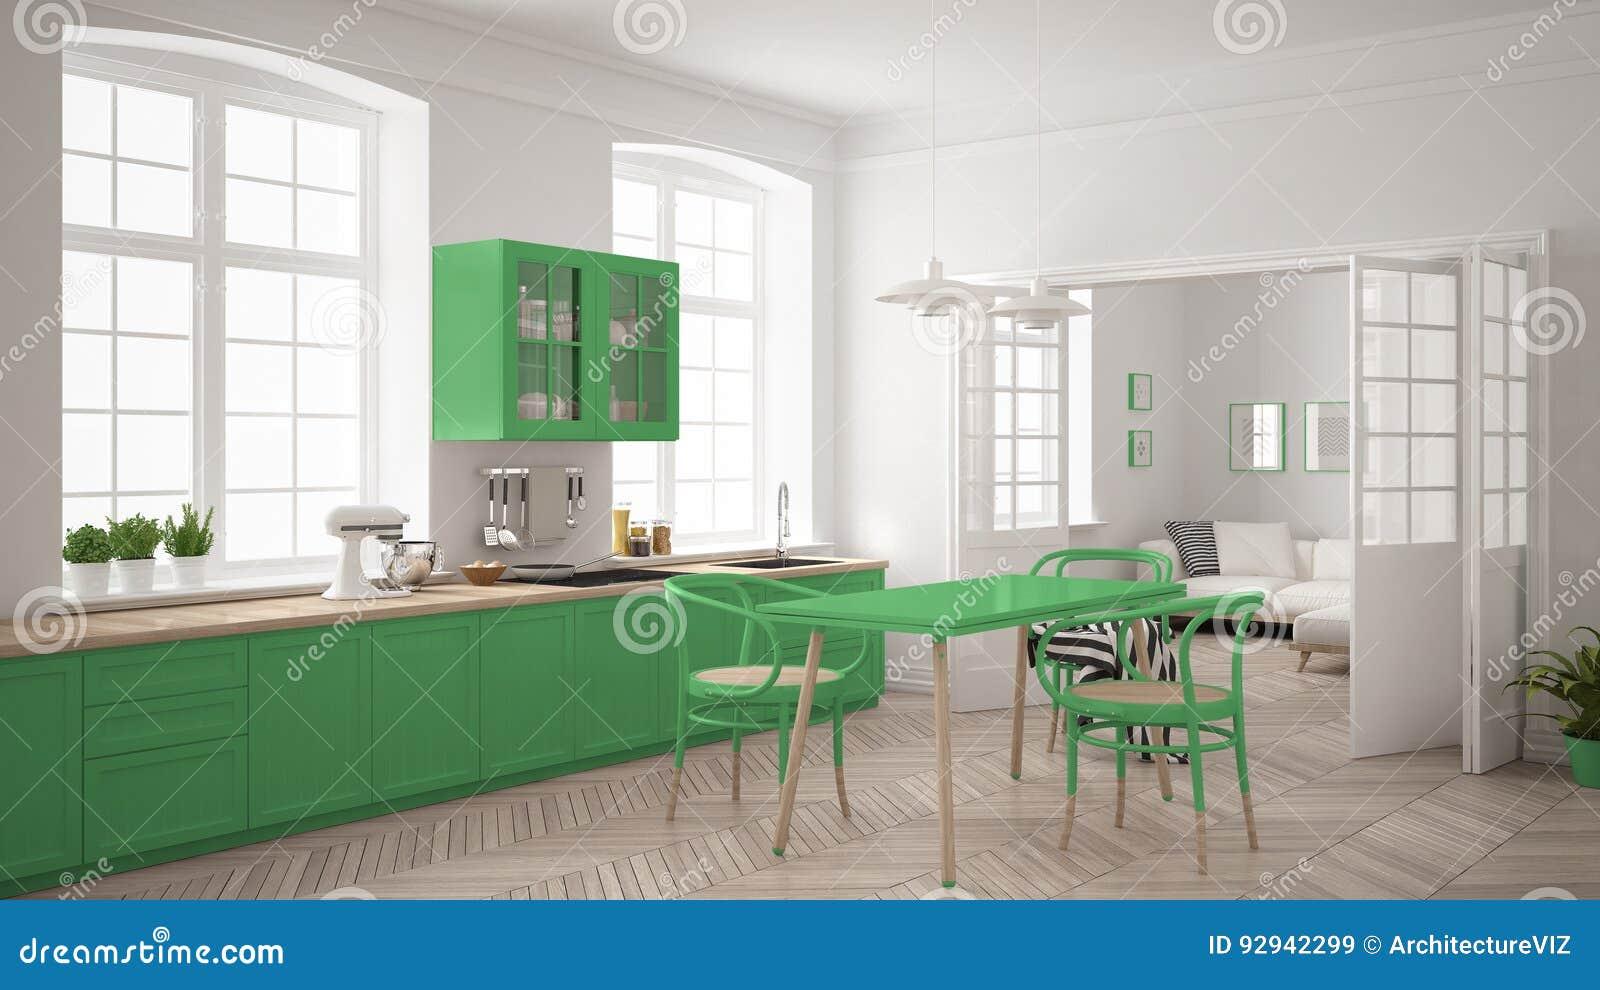 Keuken Interieur Scandinavisch : Minimalistische skandinavische witte keuken met woonkamer in de